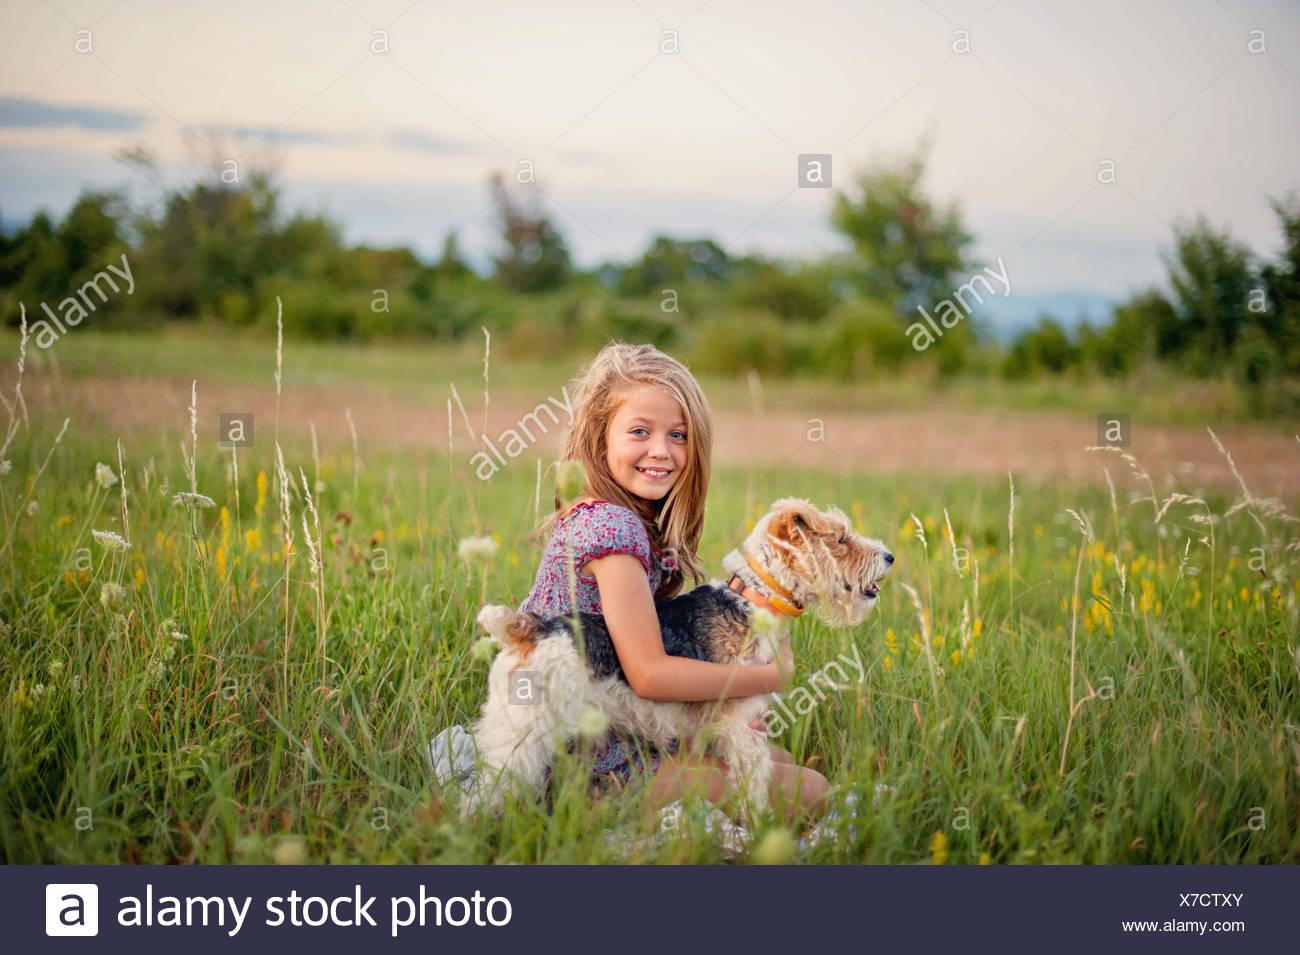 Ritratto di un sorridente ragazza seduta nella campagna che abbraccia il suo fox terrier cane Immagini Stock